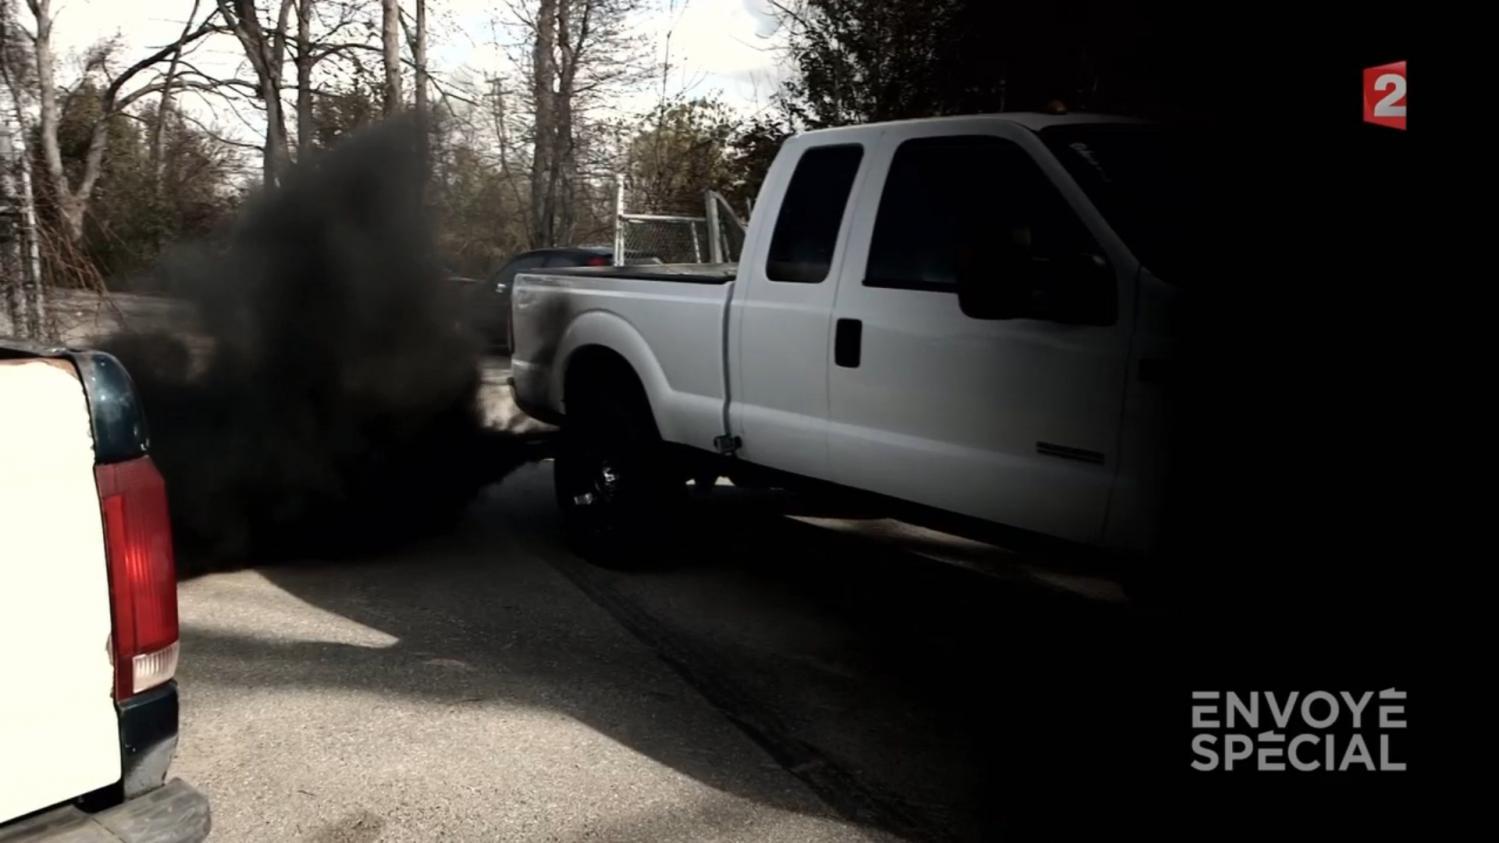 video envoy sp cial le rolling coal quand la raison part en fum e. Black Bedroom Furniture Sets. Home Design Ideas